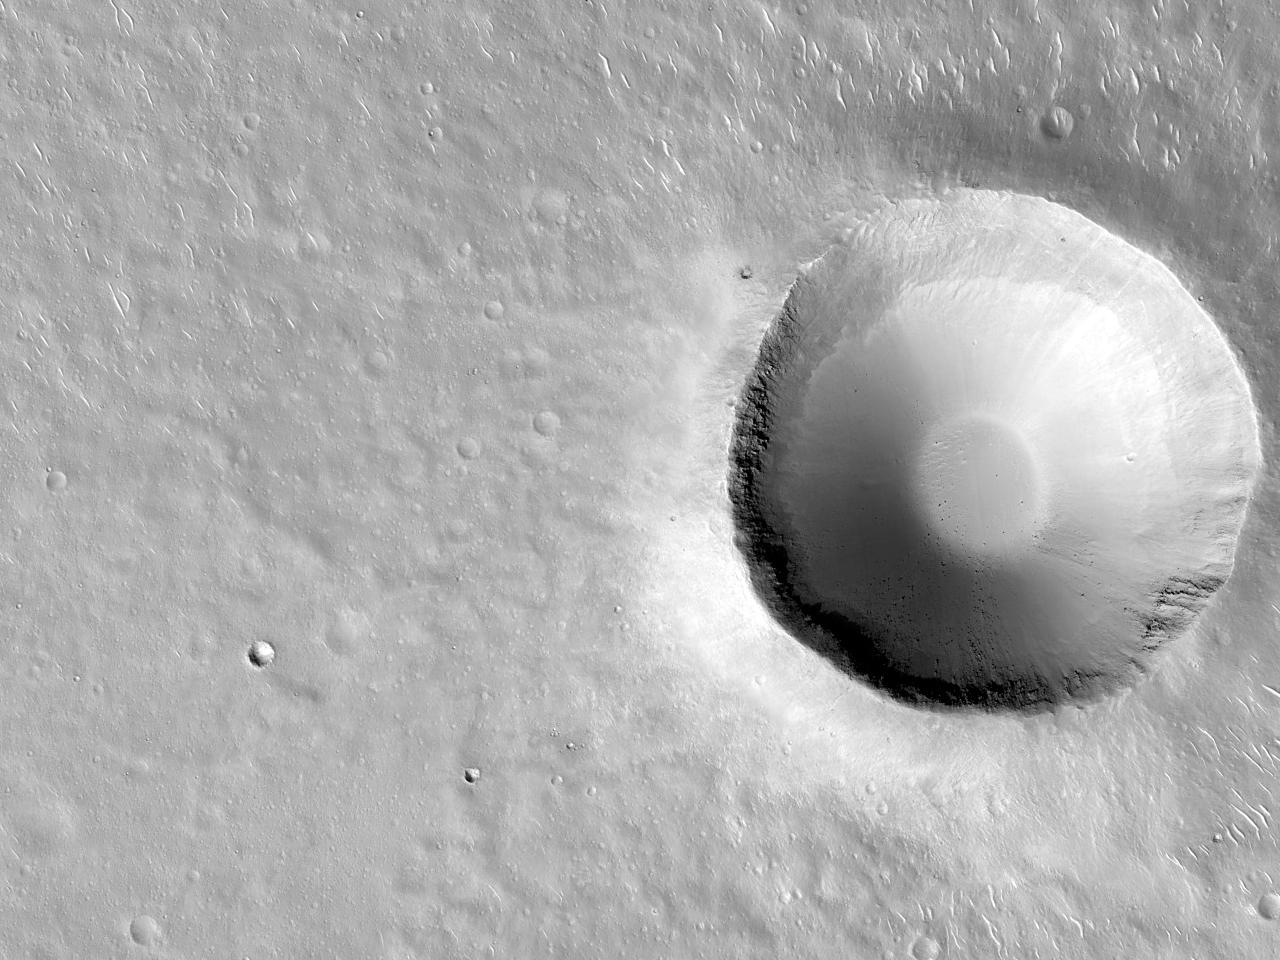 Crater in Isidis Planitia